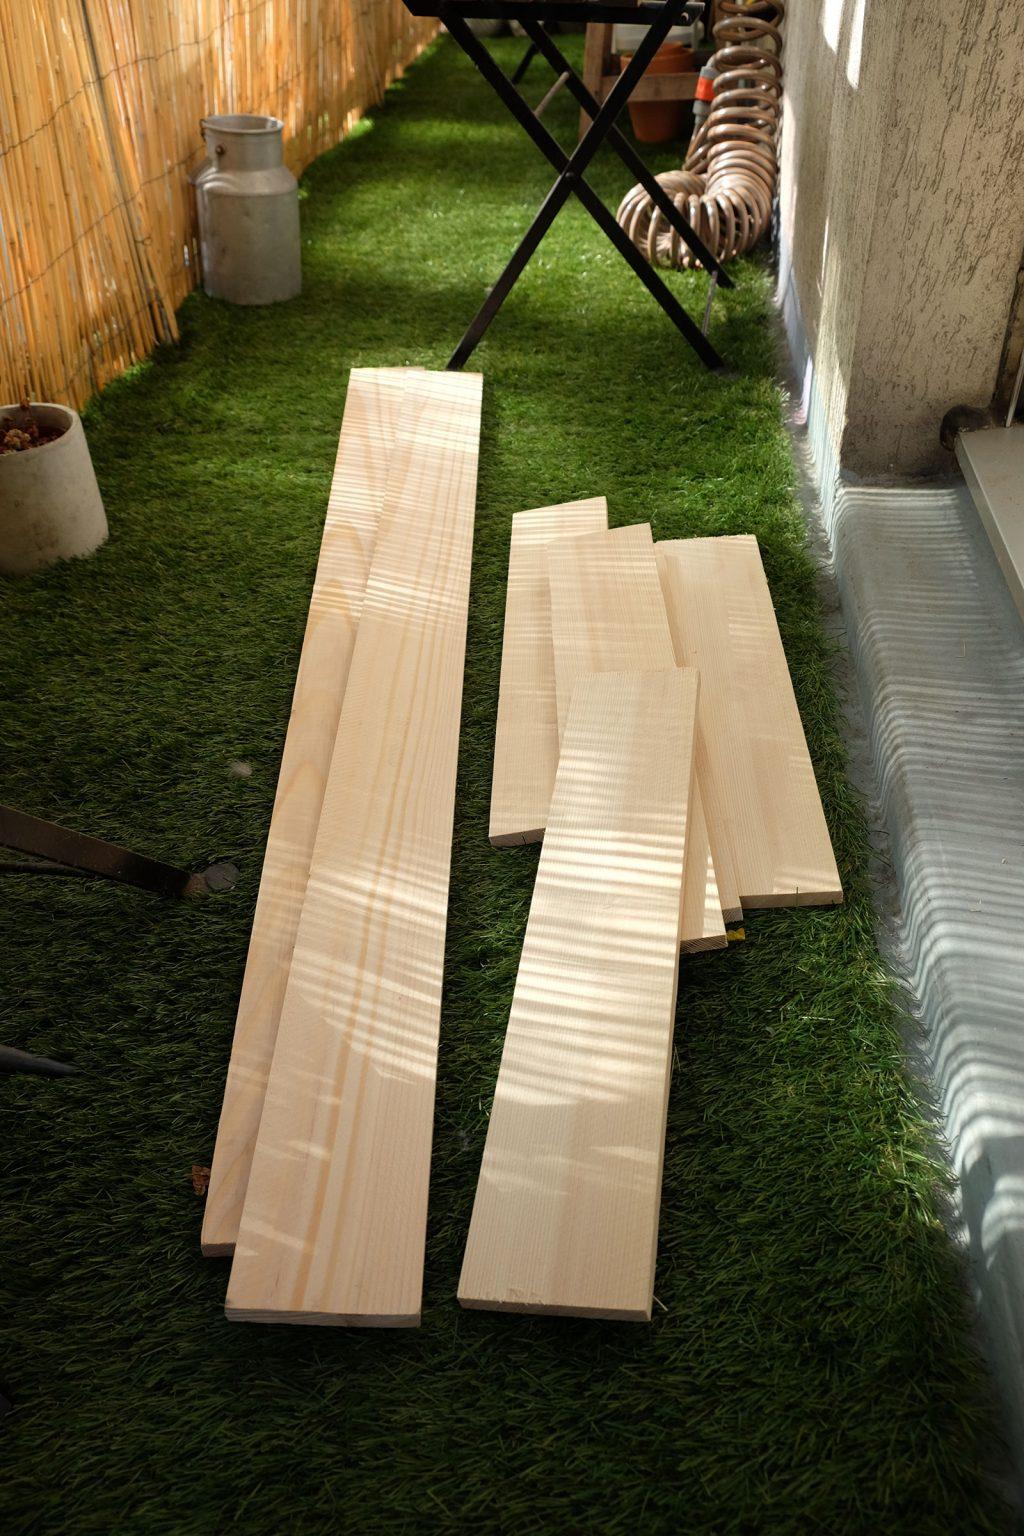 tasseaux de bois pour étagère à plantes peu profonde DIY - La Revue Vertu